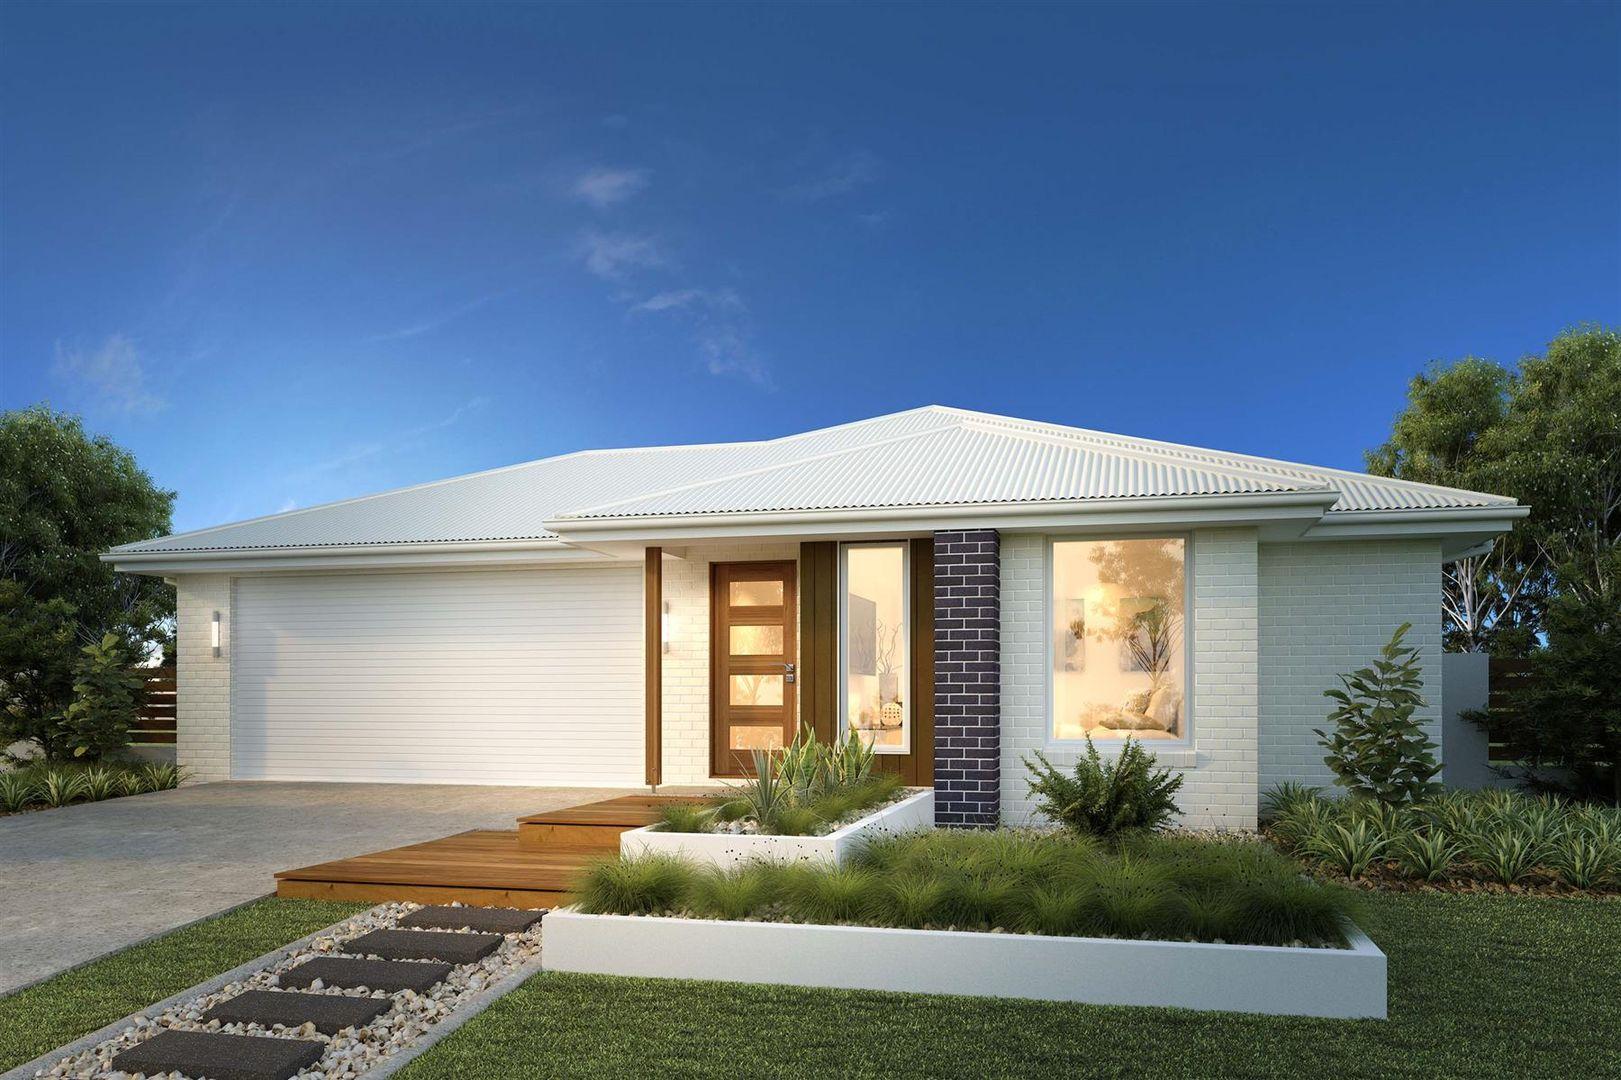 Lot 3 Molkentin Road, Jindera NSW 2642, Image 1